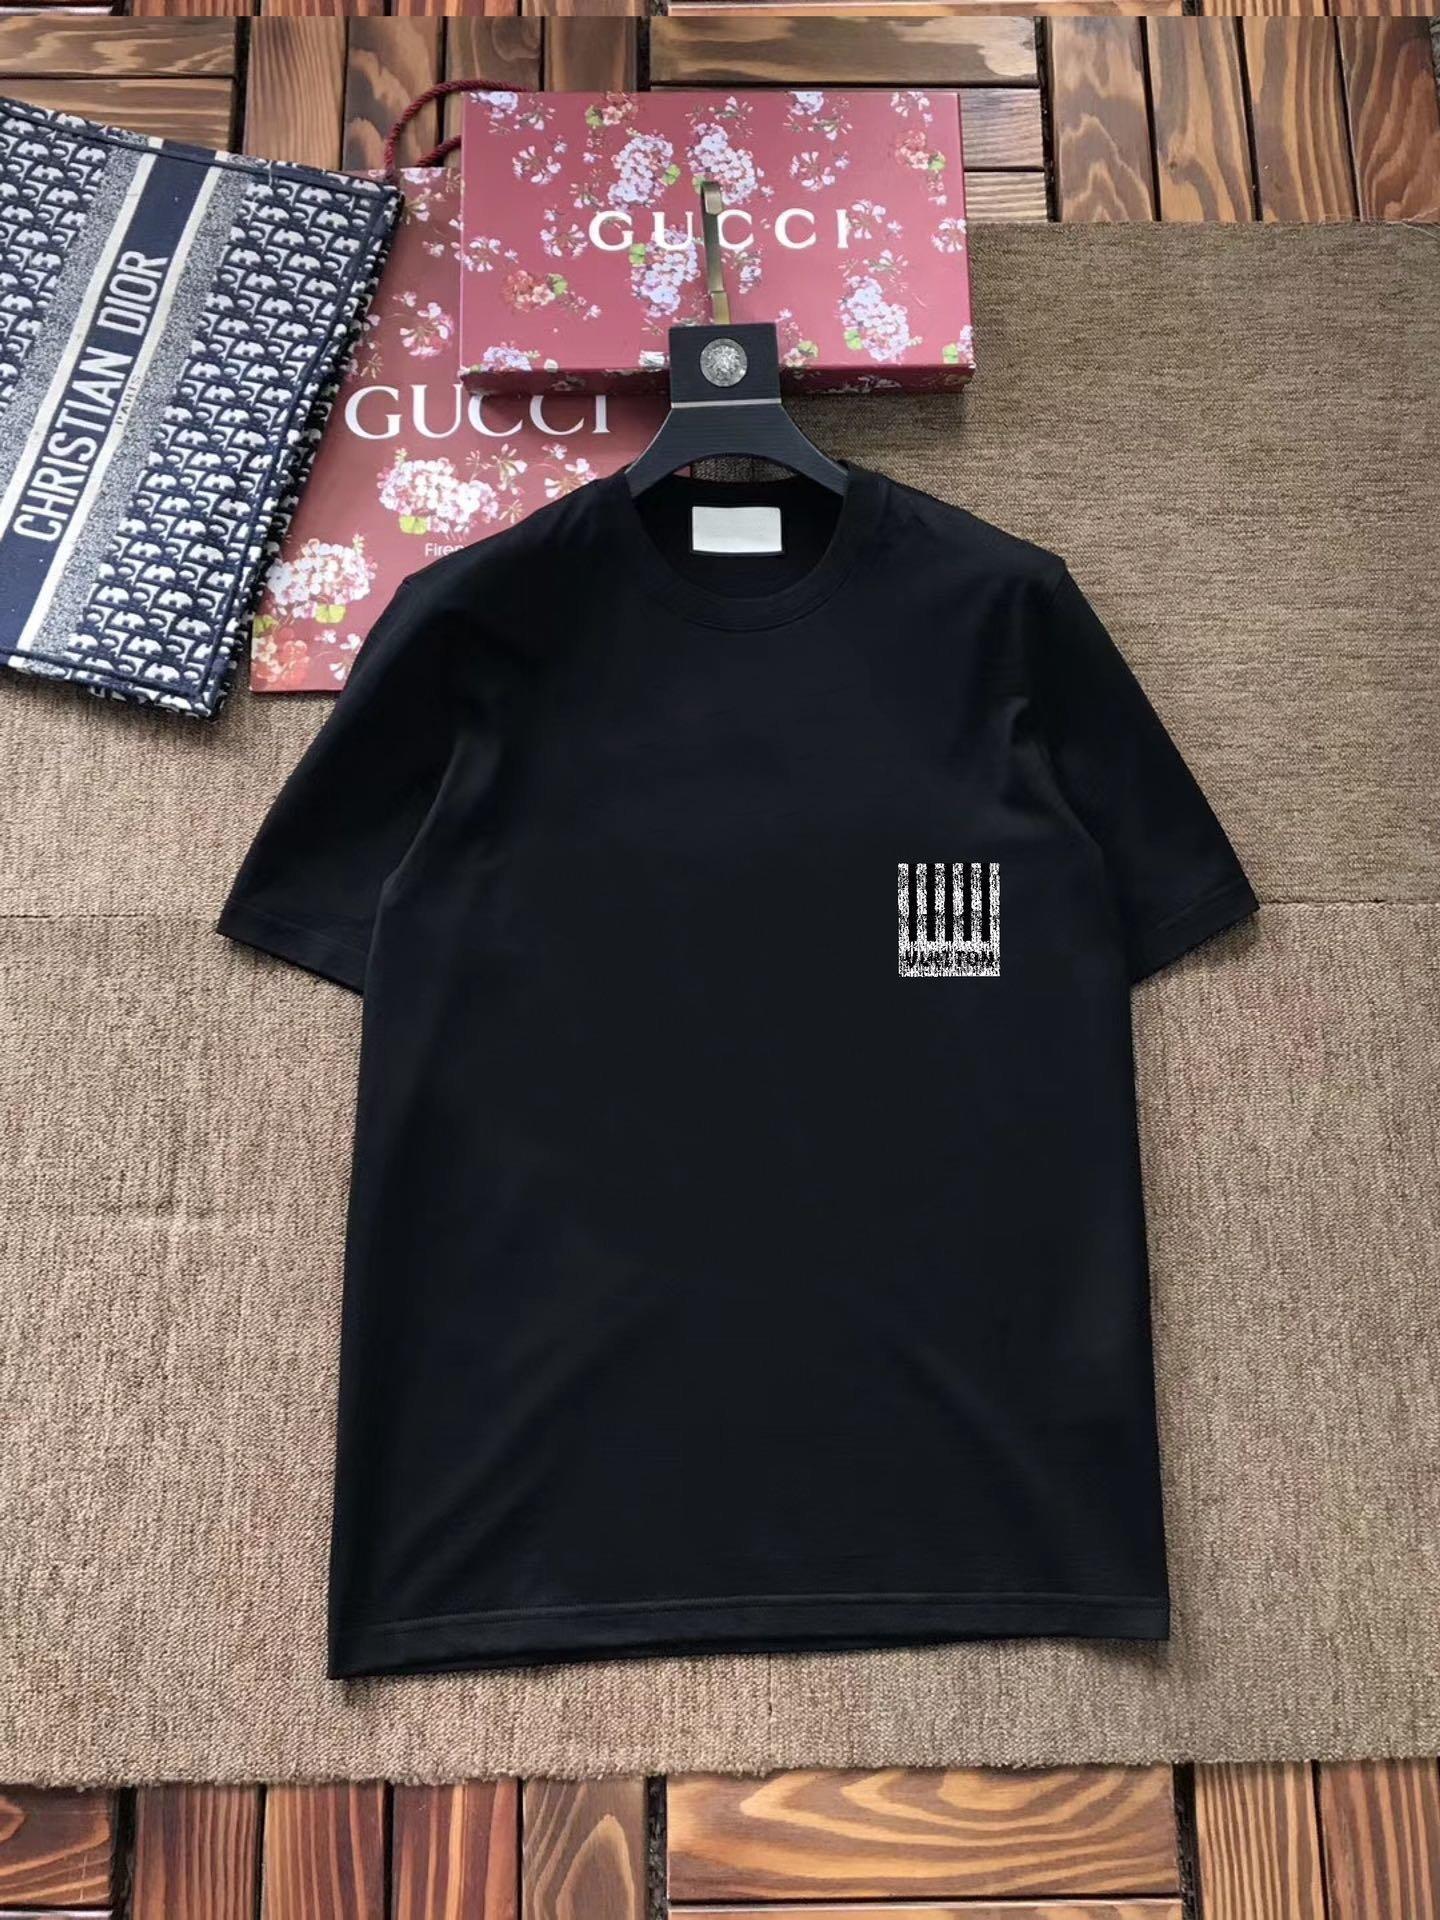 BEAUTE ET chemises pour hommes Les chemises pour hommes se sont précipités la nouvelle liste recommander été gros classique KCV5 élégant